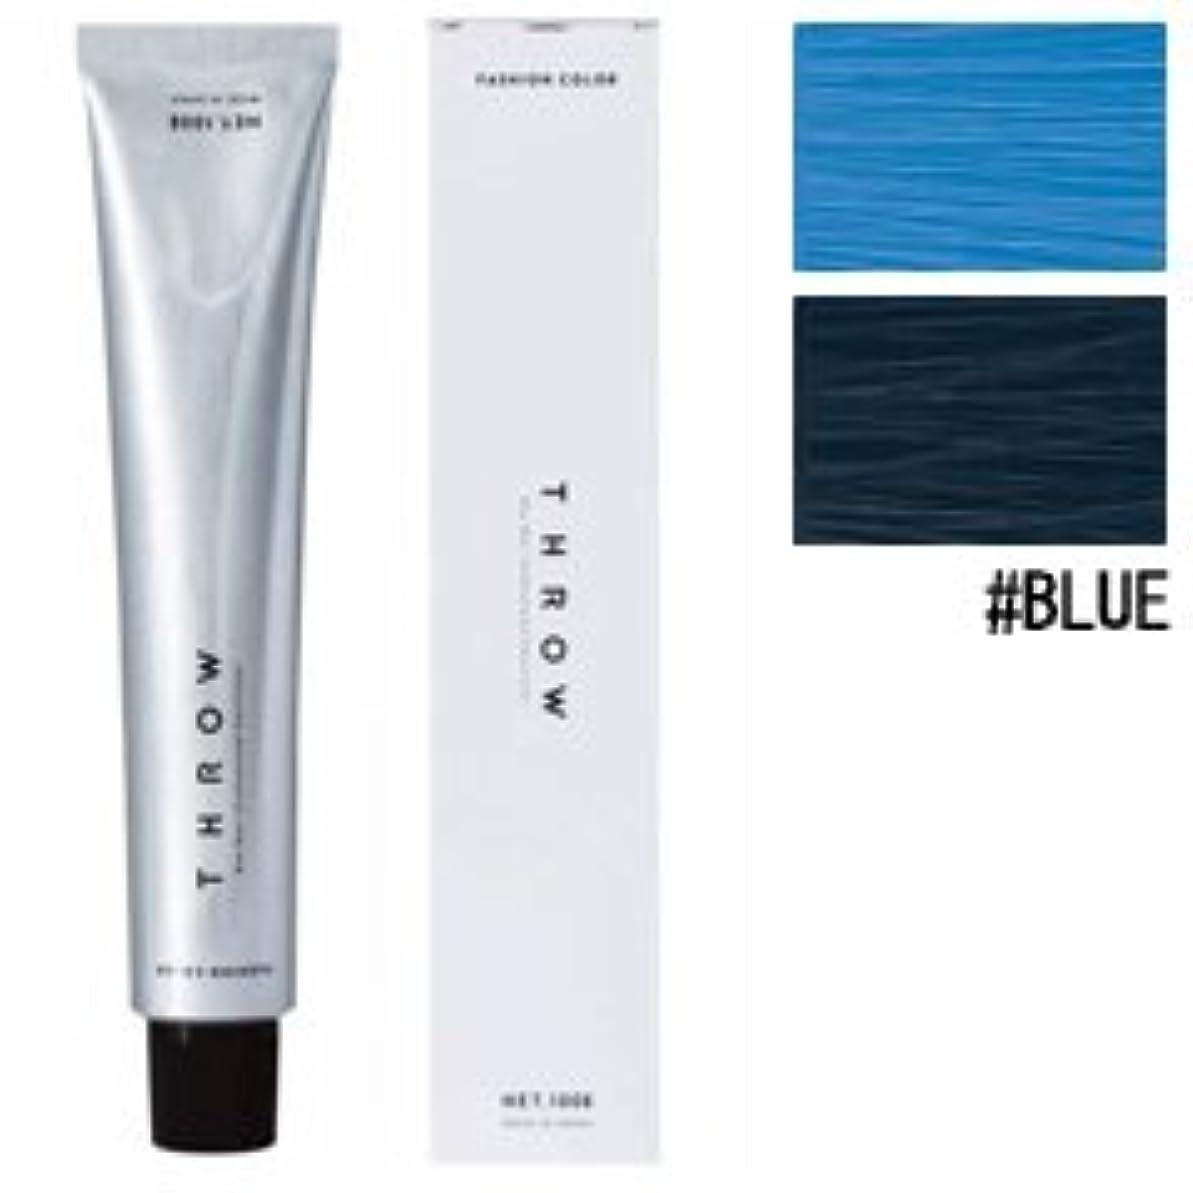 不合格宿泊施設外出【モルトベーネ】スロウ ファッションカラー #BLUE 100g